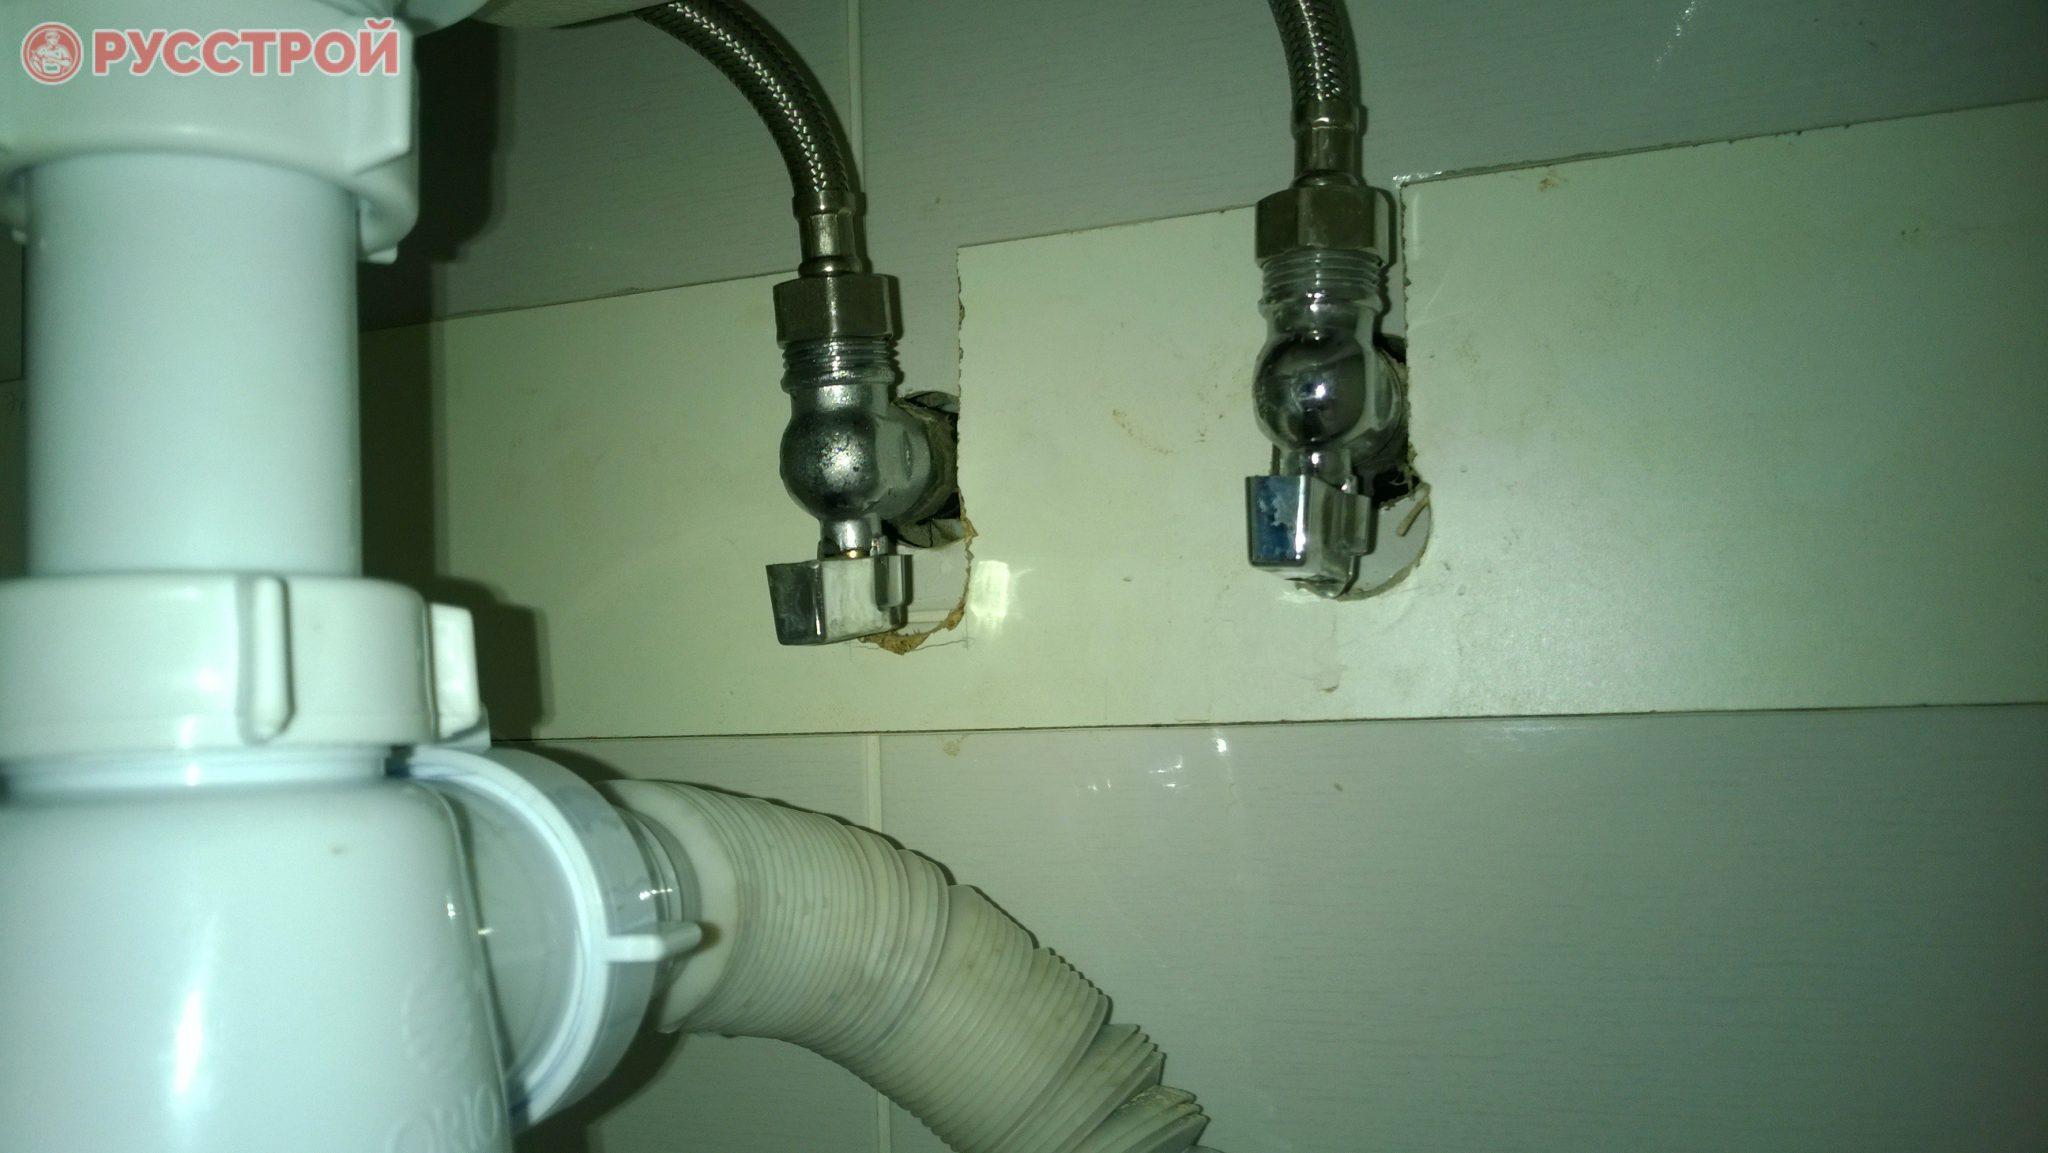 Замена труб горячей и холодной воды. Русстрой г. Калуга